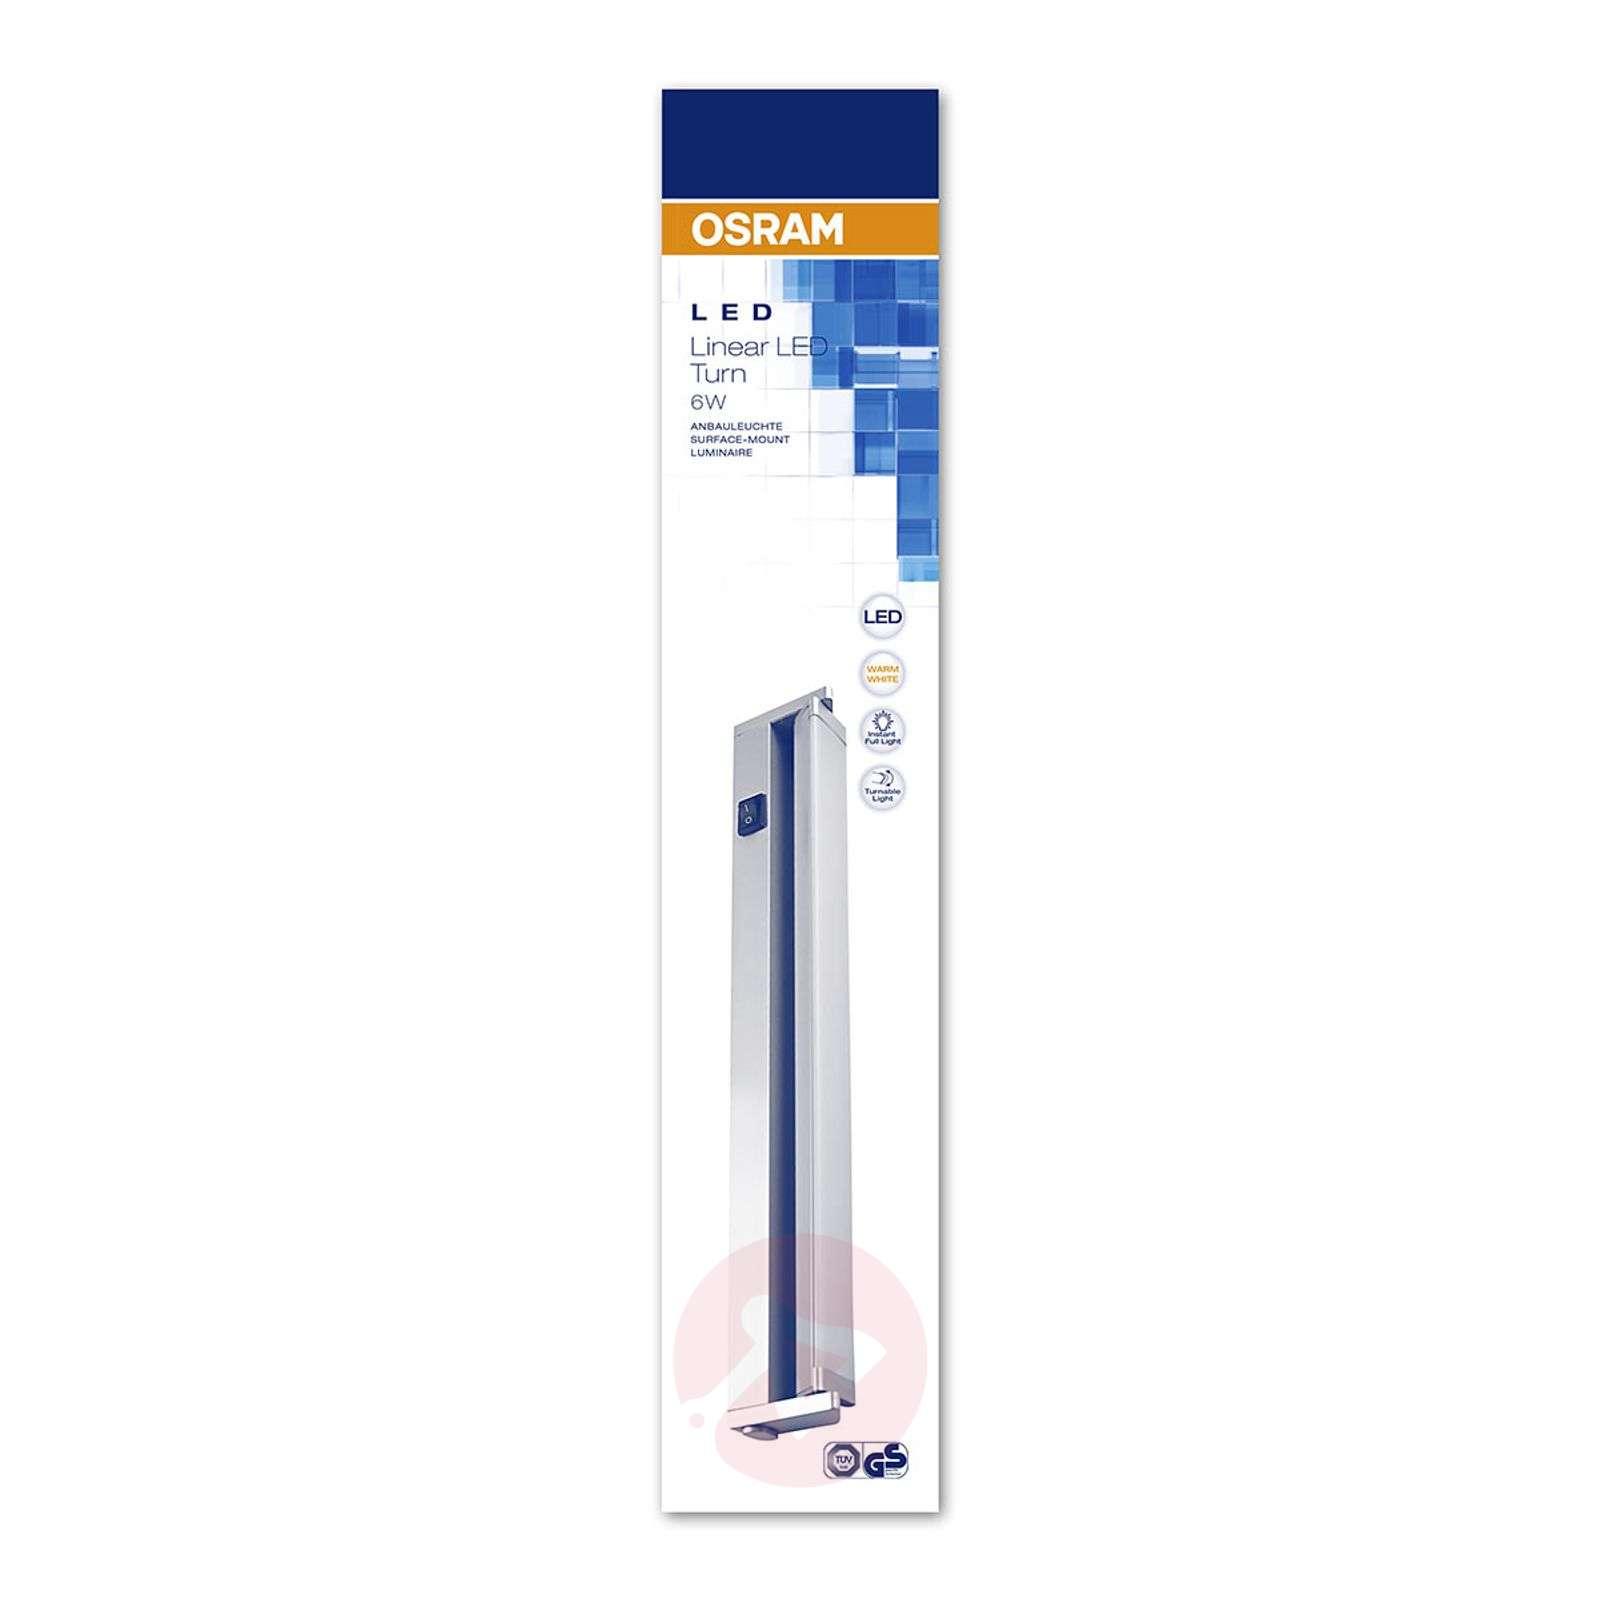 Linear Turn kallistettava LED-kaapinalusvalaisin-7261330-01